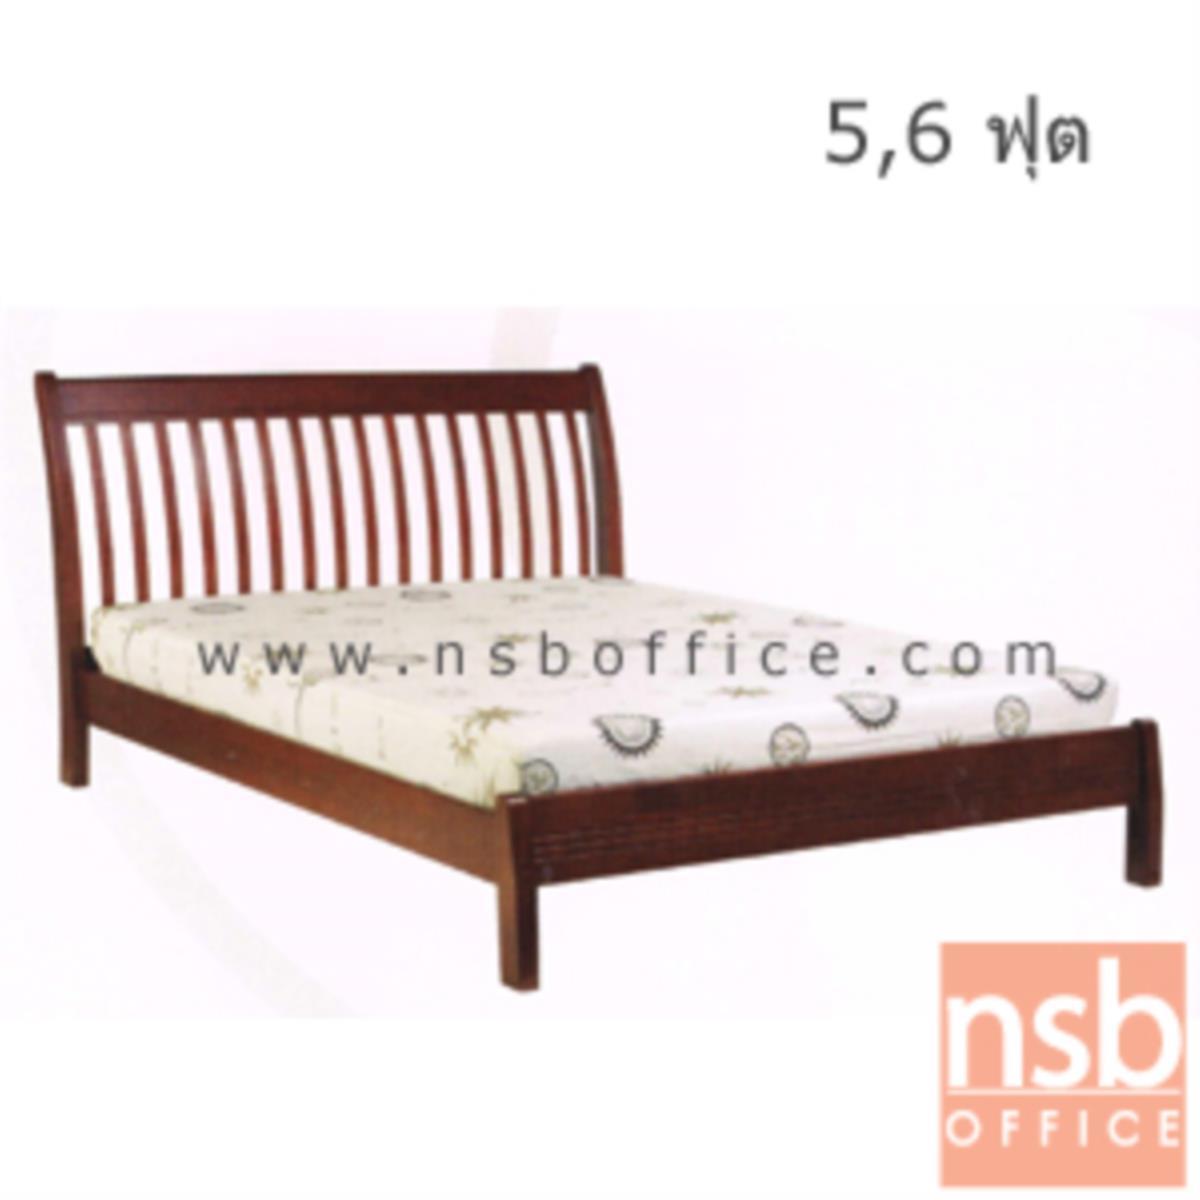 G11A091:เตียงไม้ยางพาราล้วน รุ่น MERRY-FU 5 และ 6 ฟุต หัวเตียงไม้ระแนง